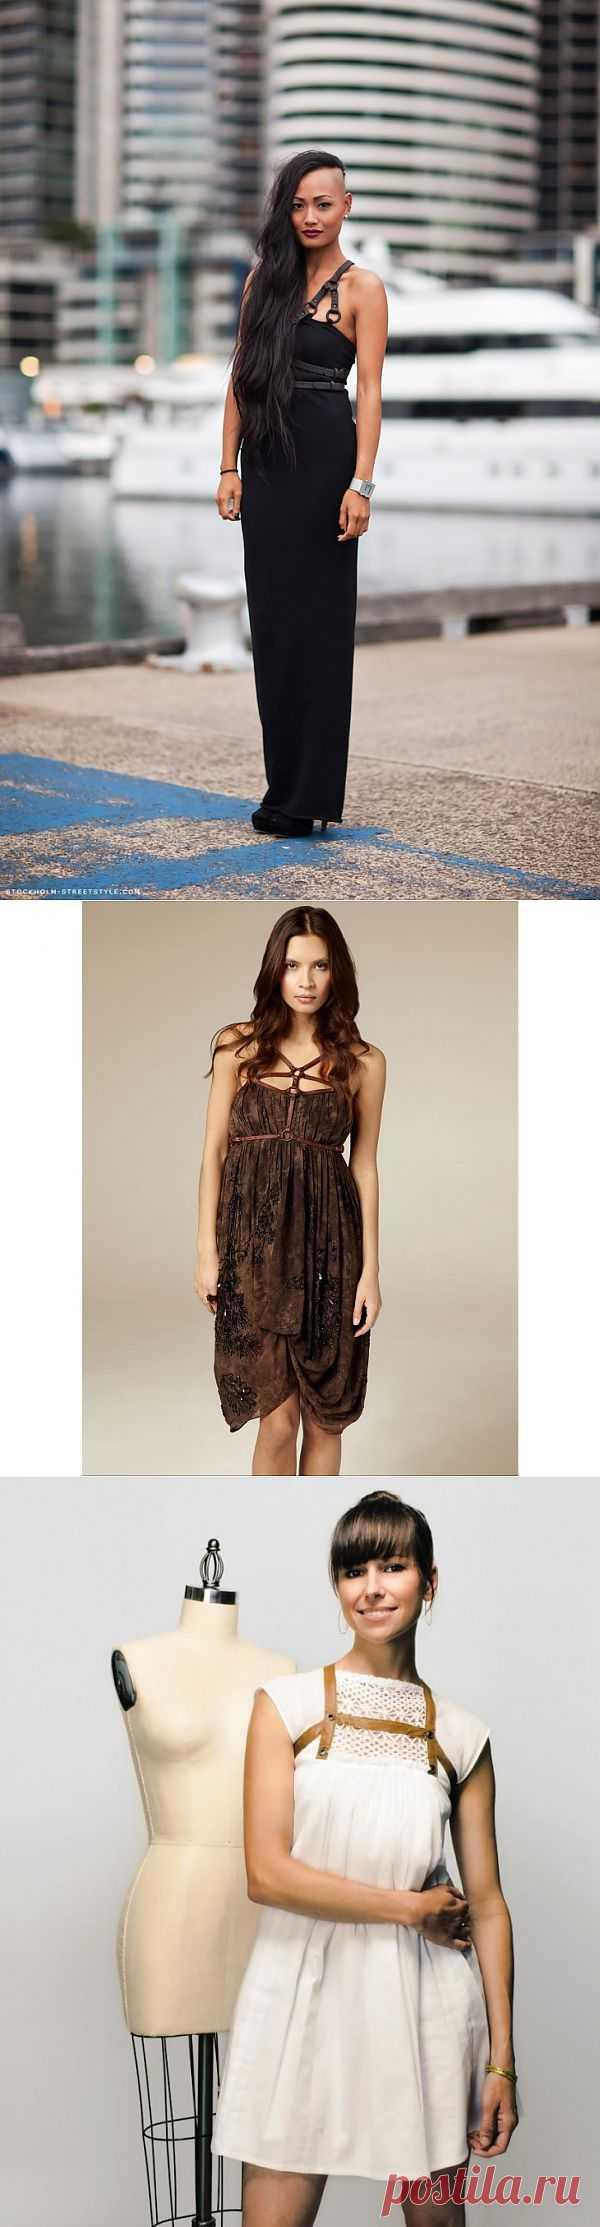 Кожаные лямки (трафик, подборка) / Платья Diy / Модный сайт о стильной переделке одежды и интерьера